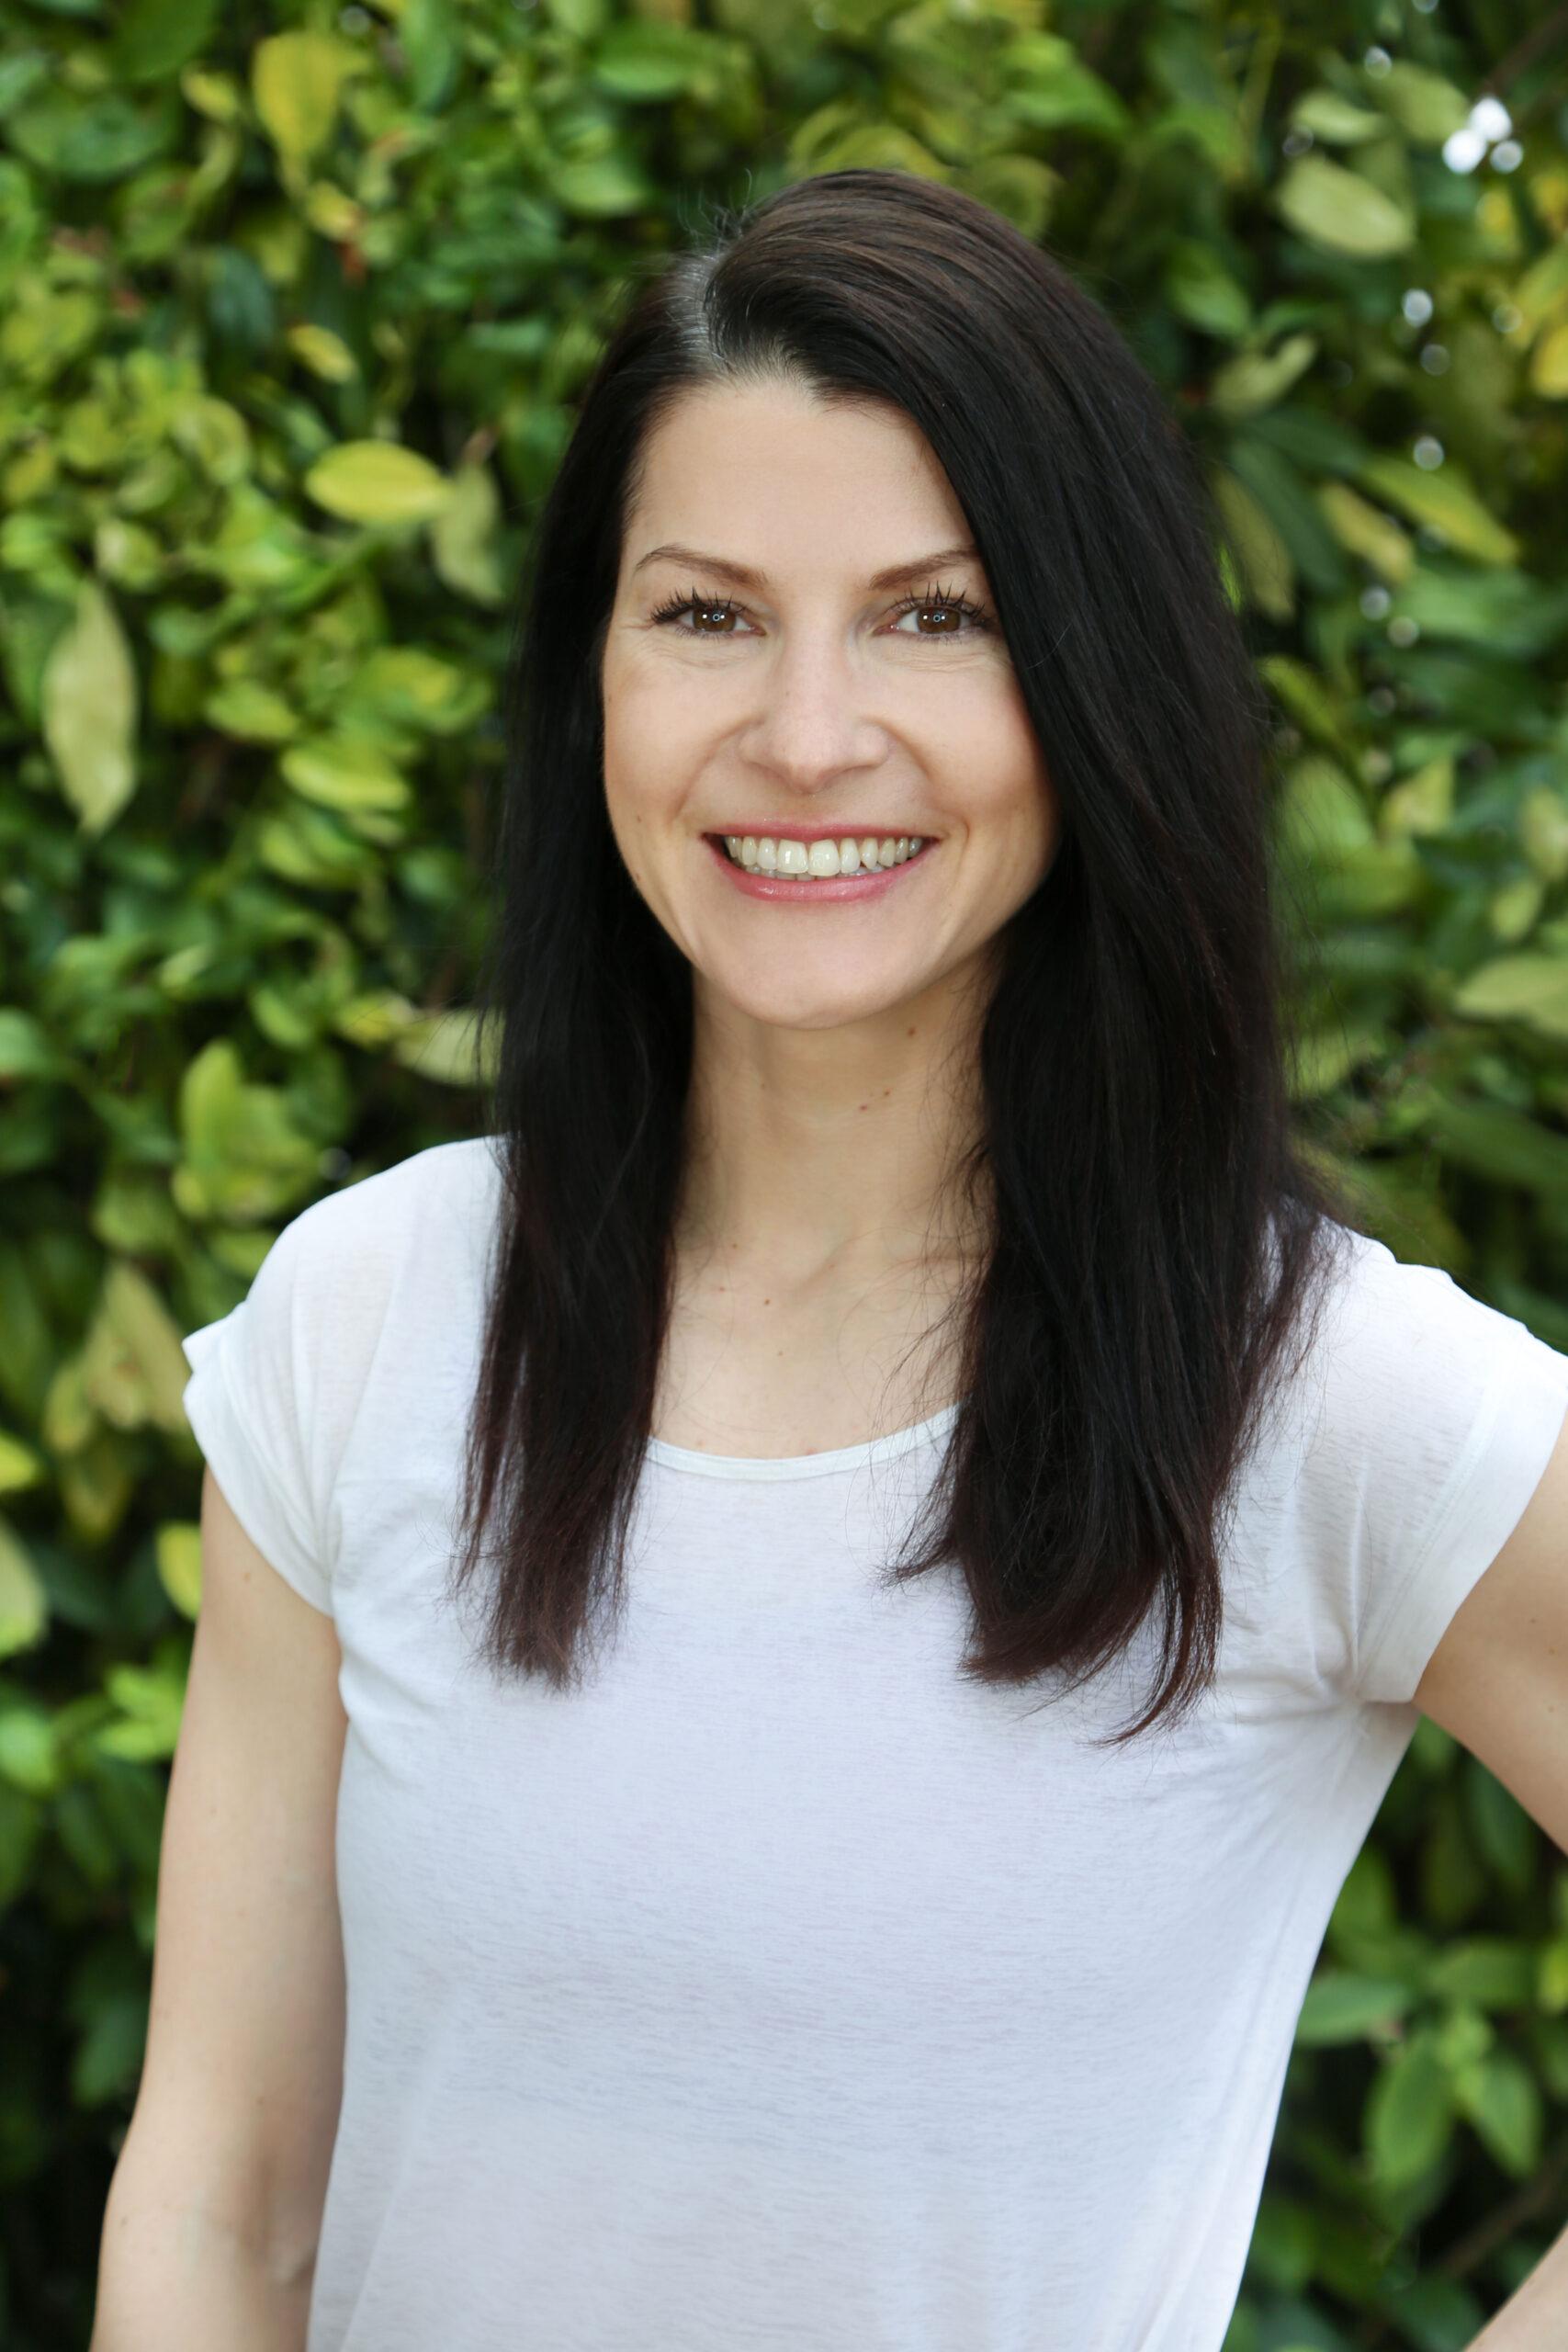 Corinna Choun